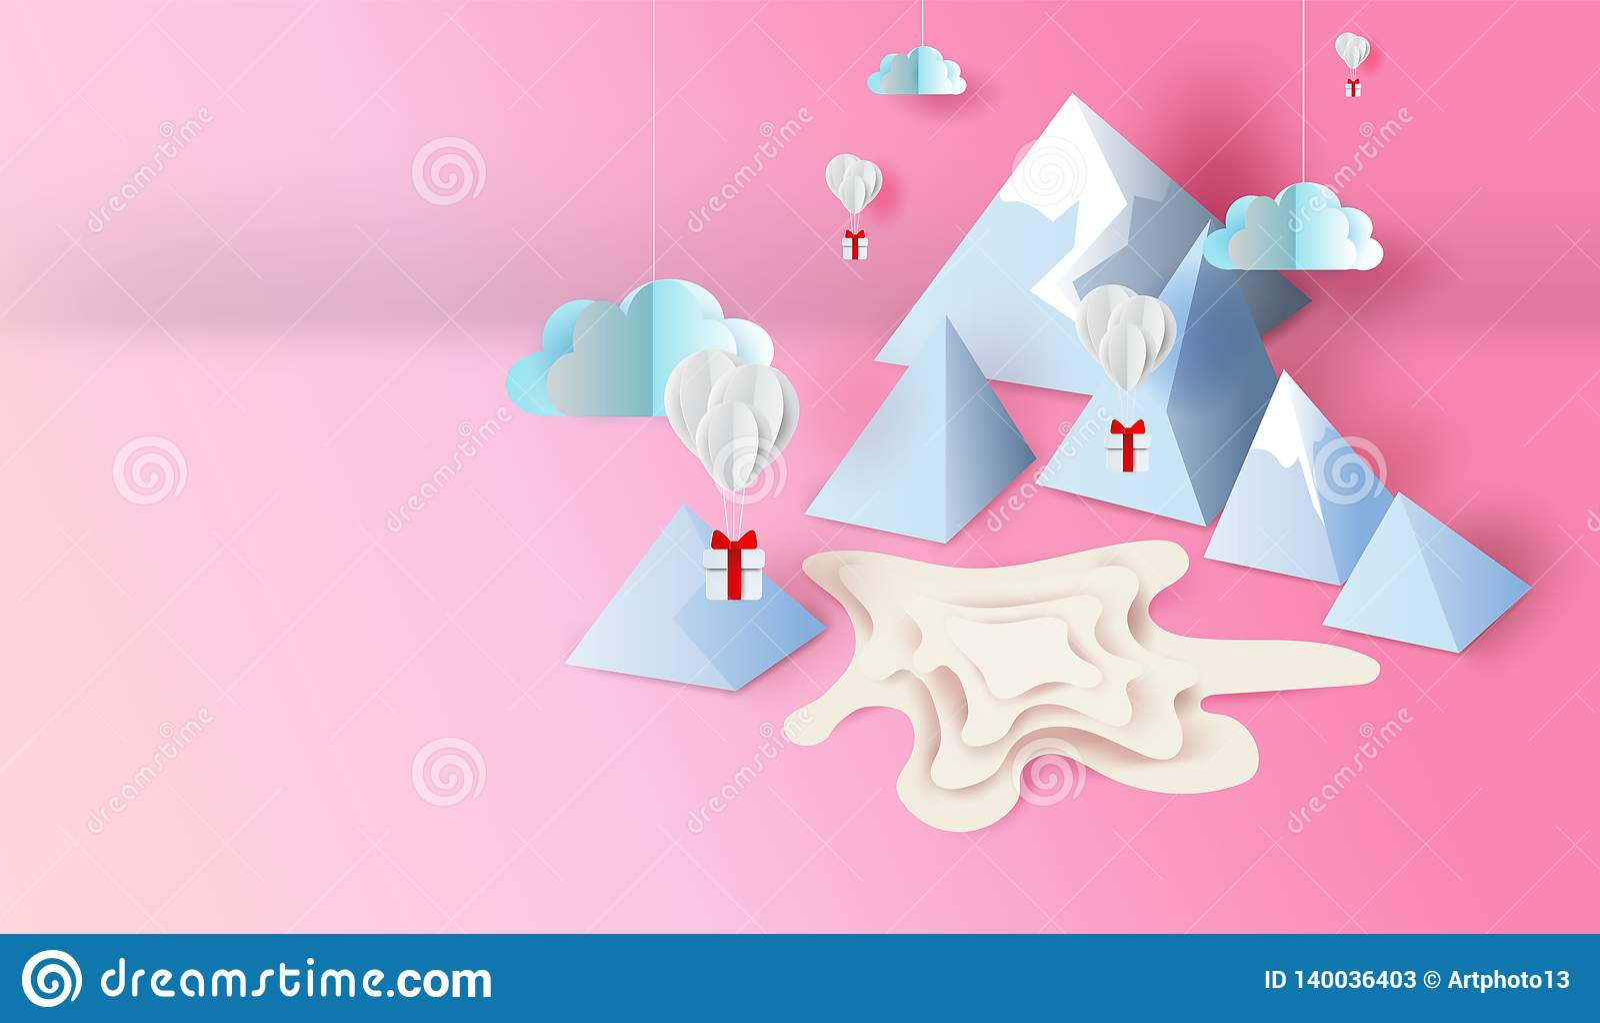 Arte del papel 3d y diseño del arte de la charca de la escena del Mountain View, balones de aire con el flotador del regalo para